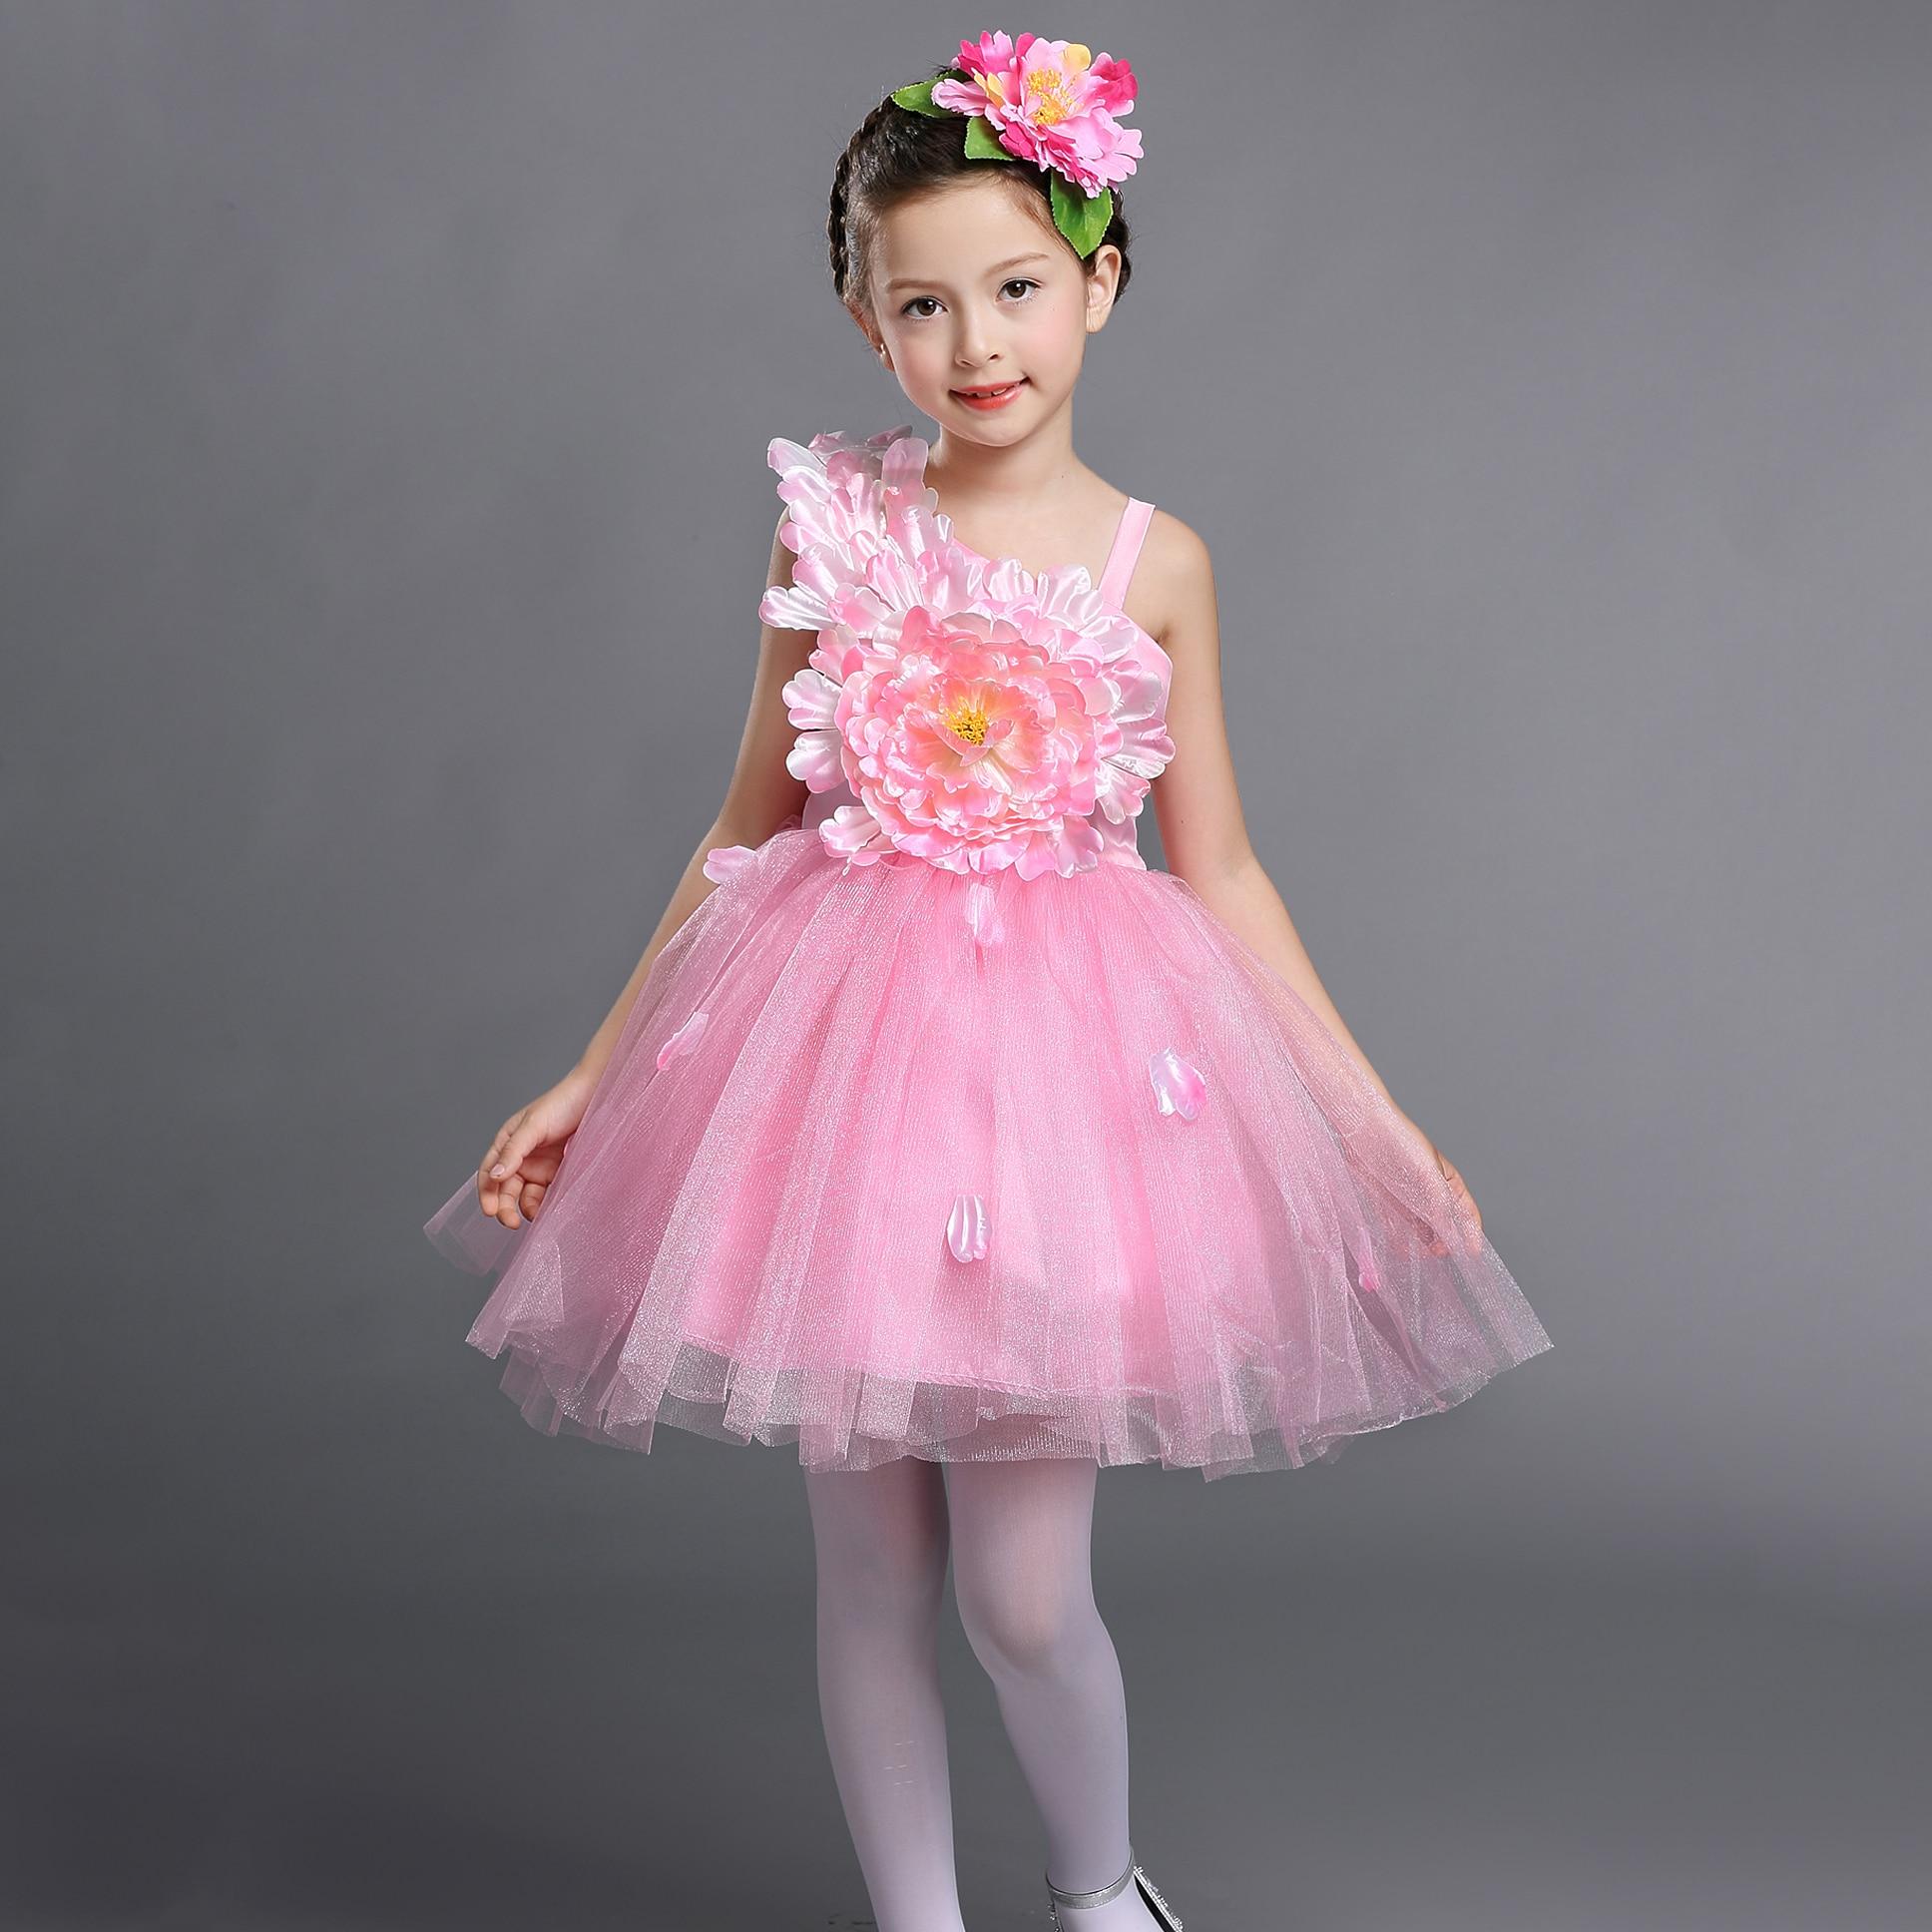 2 12 años Niñas ocasión especial vestido niños danza traje Rosa ...